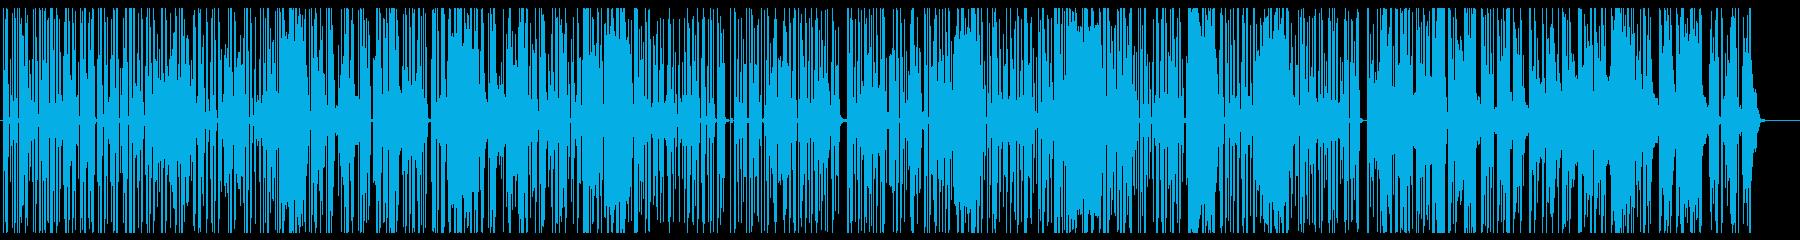 鋭いパルスによるサスペンスシーンなどの再生済みの波形